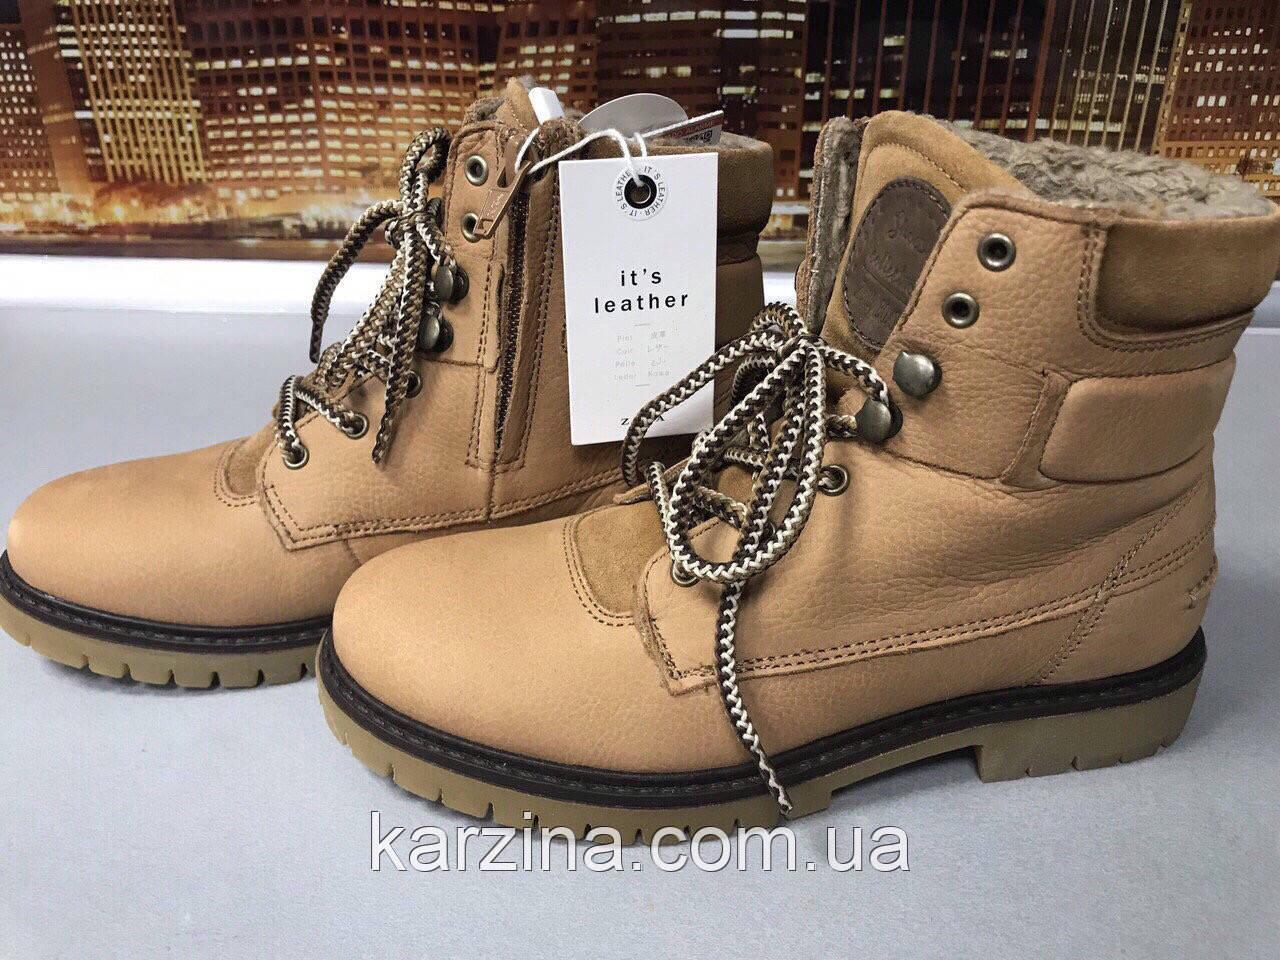 Утеплённые ботинки ZARA нубук